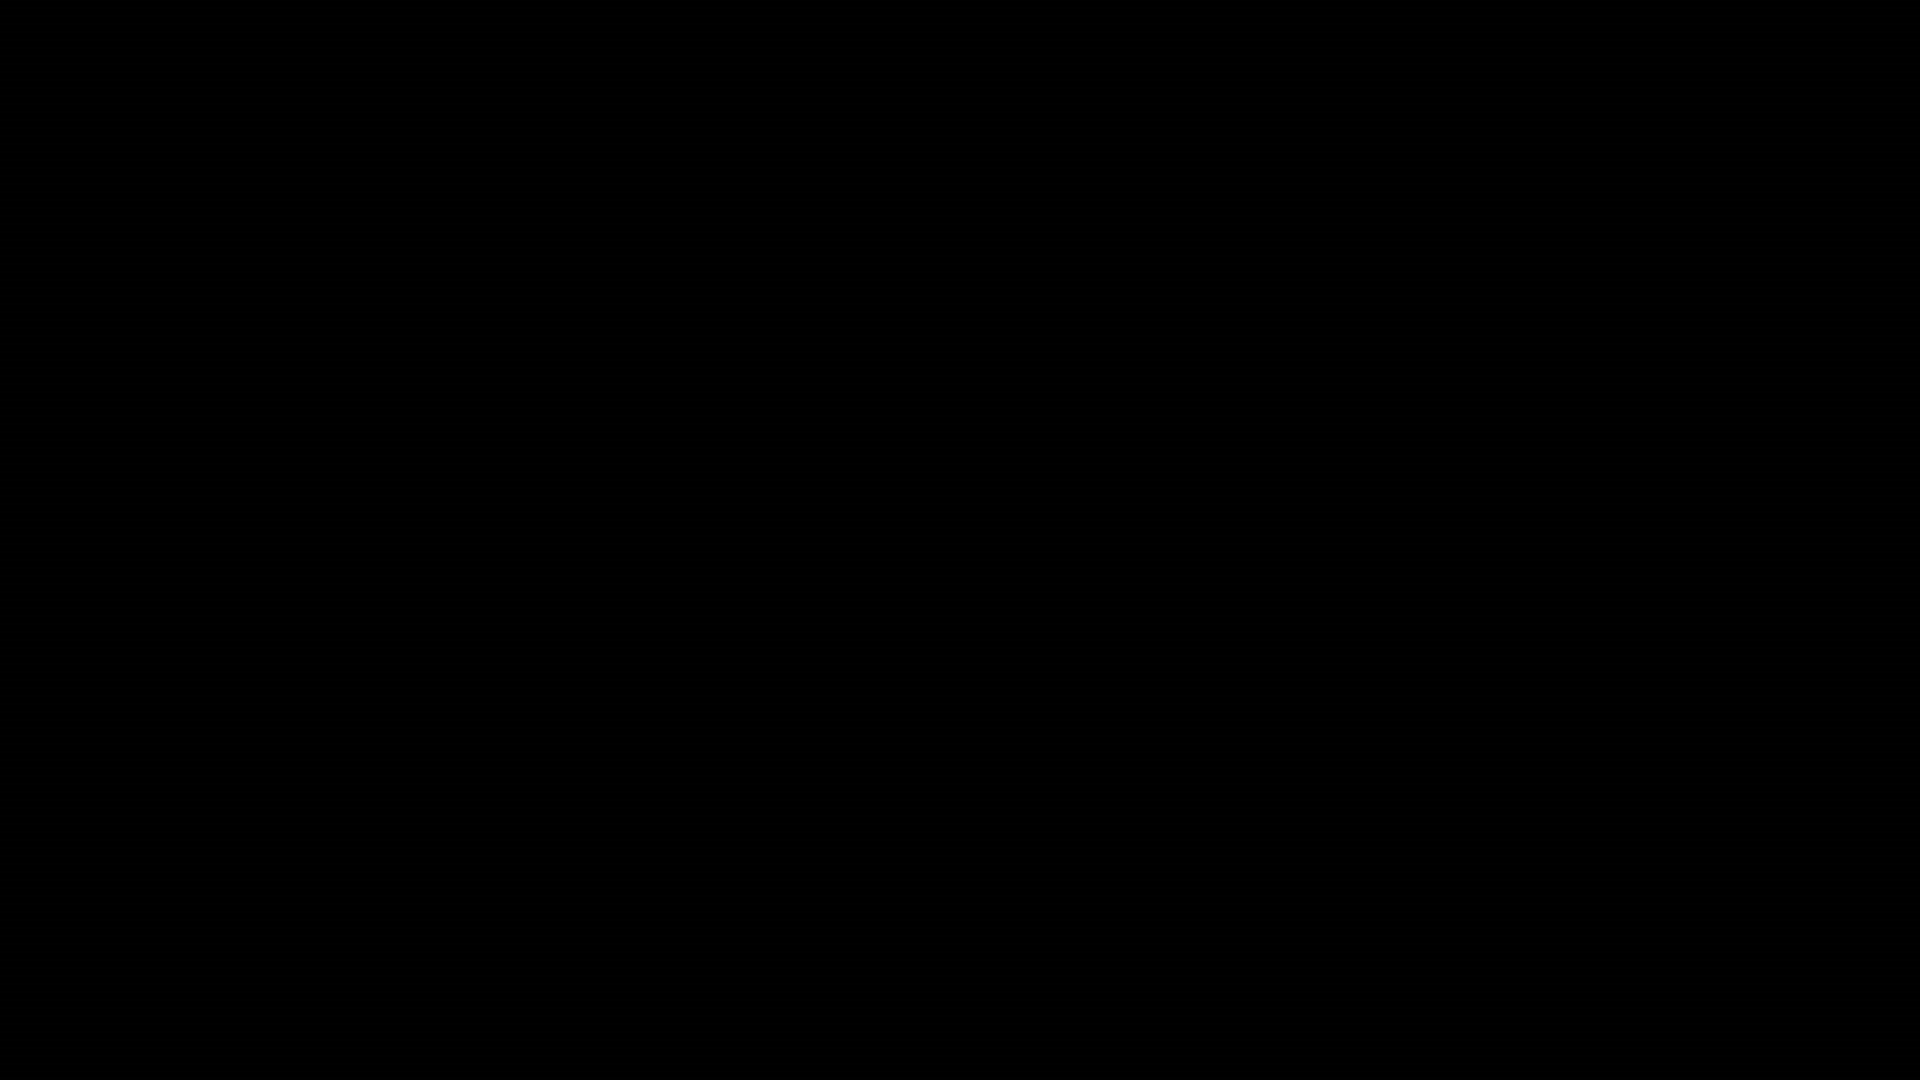 パーソナライズデザインカスタム色ブランクリサイクル包装ティッシュペーパーギフト包装用